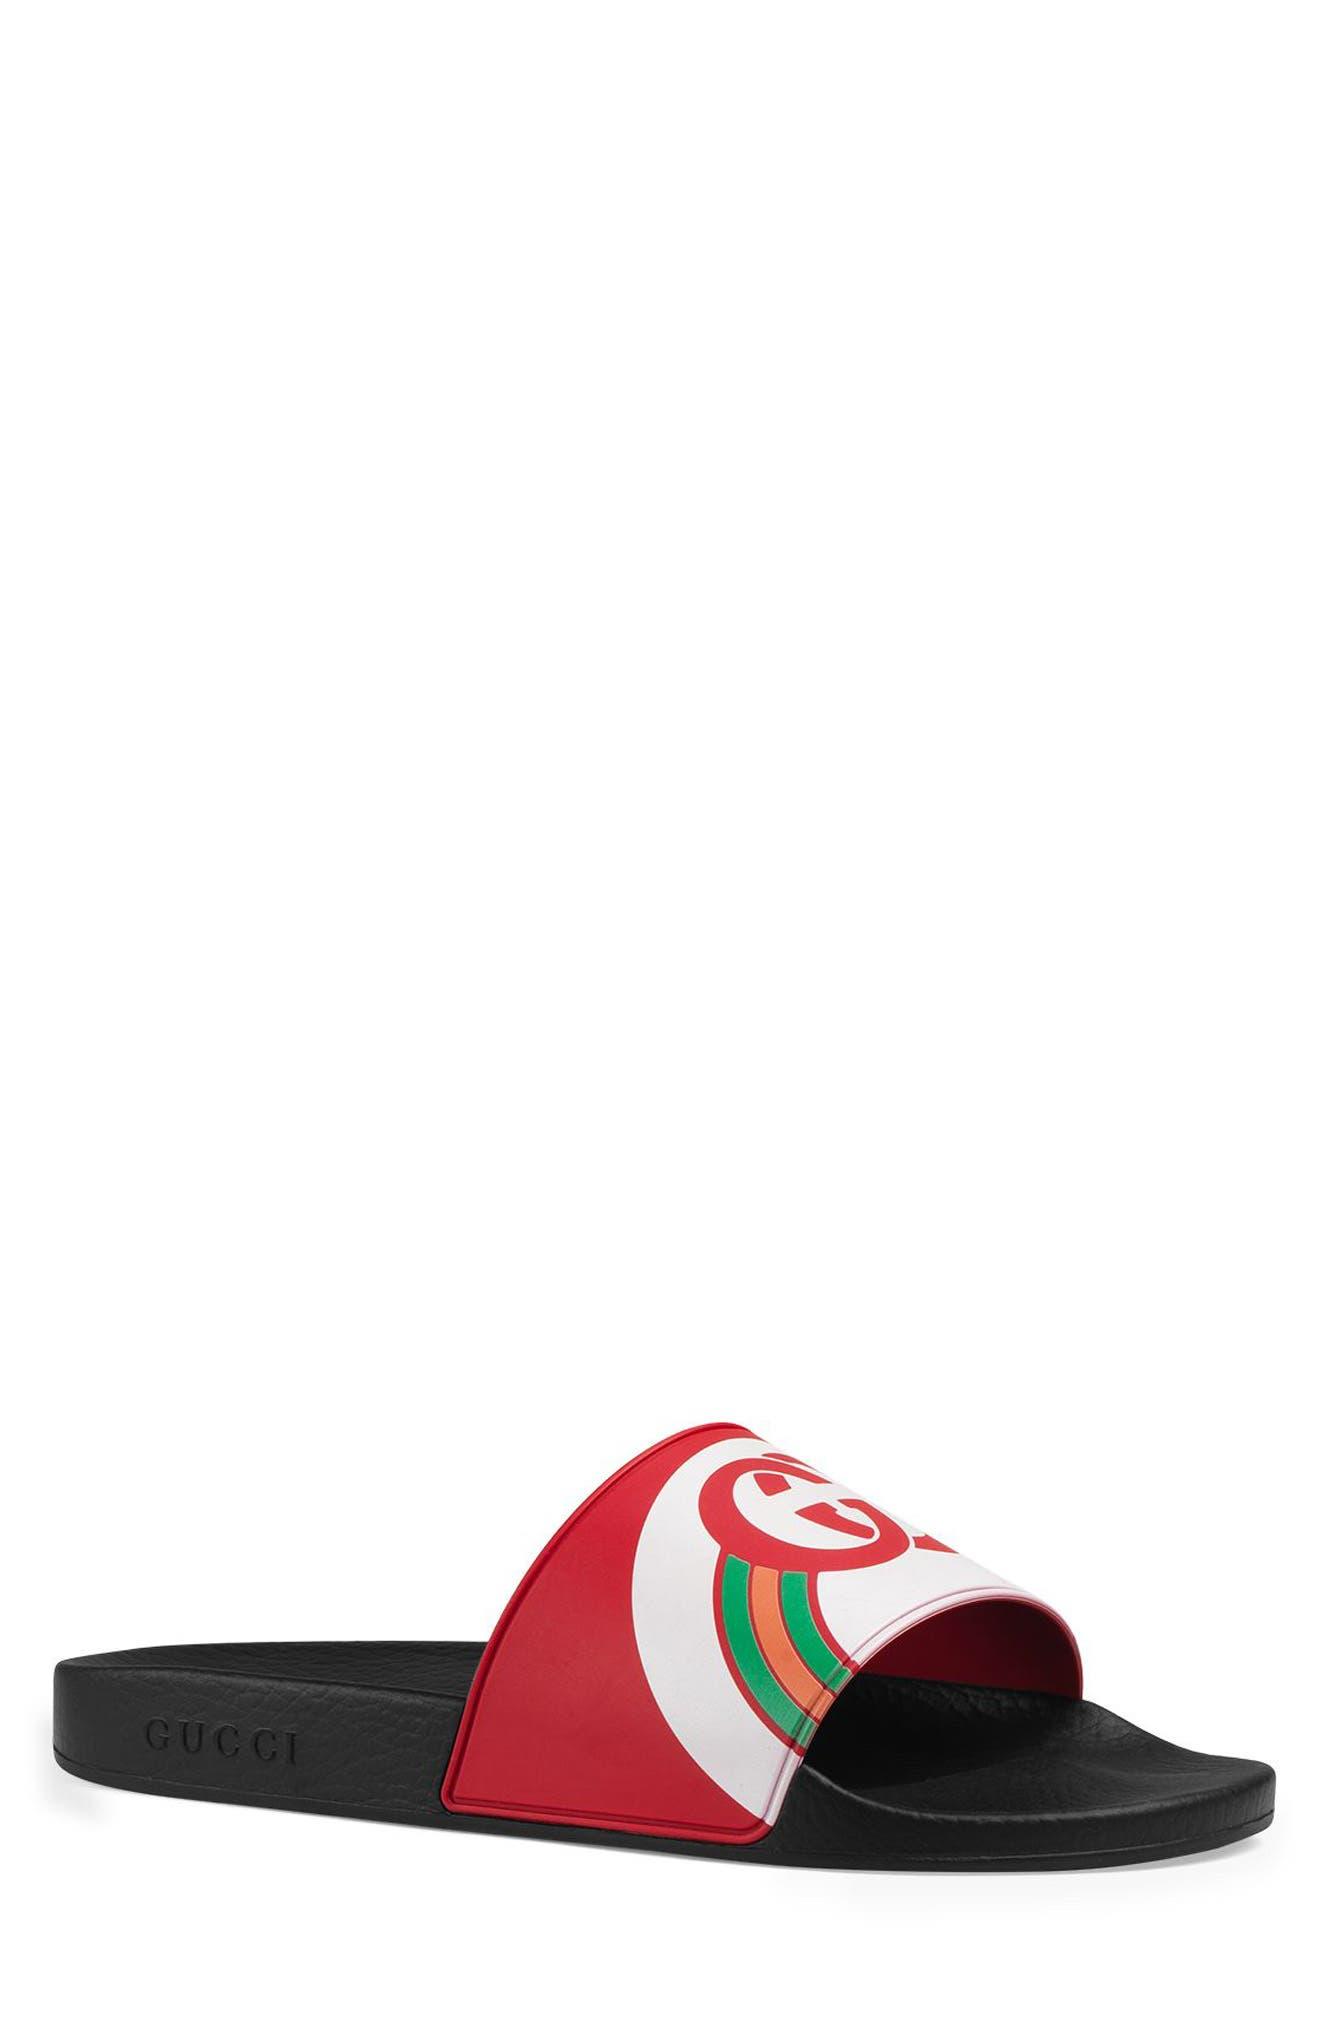 GUCCI Pursuit Rainbow Sport Slide, Main, color, LIVE RED/ MULTICOLOR